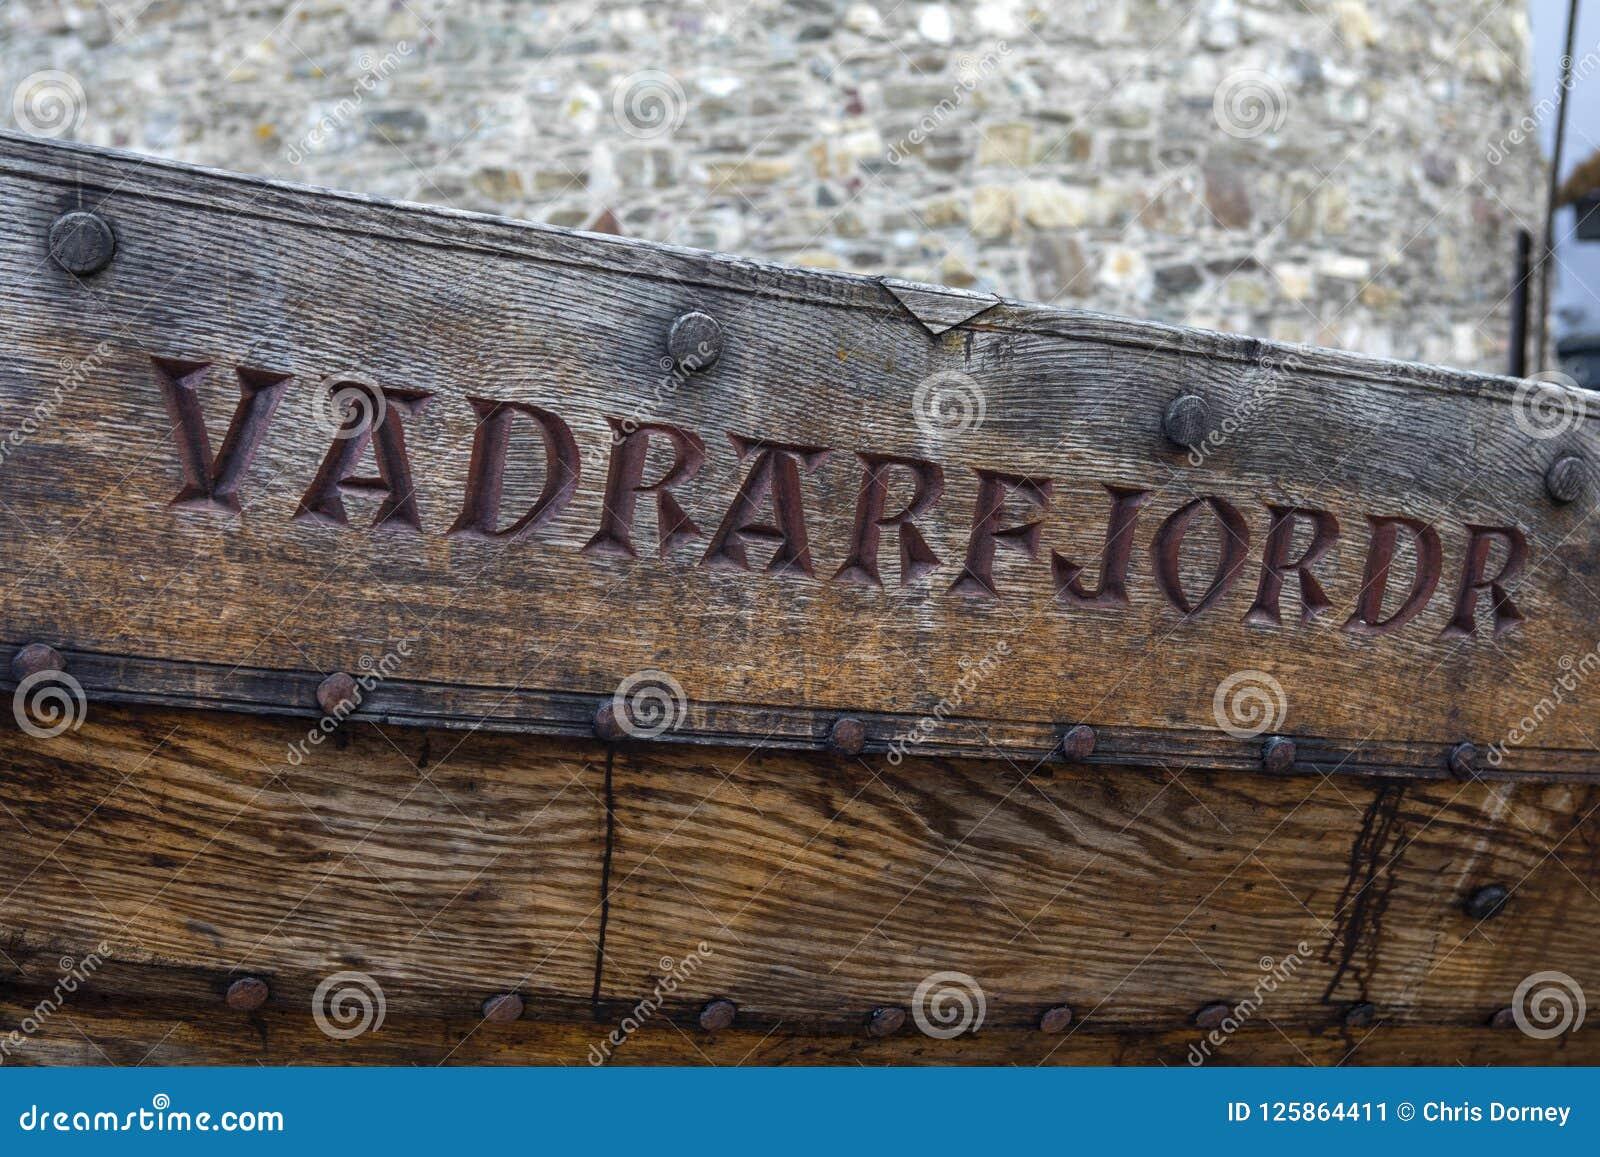 Vadrarfjordr Viking Longboat en Waterford